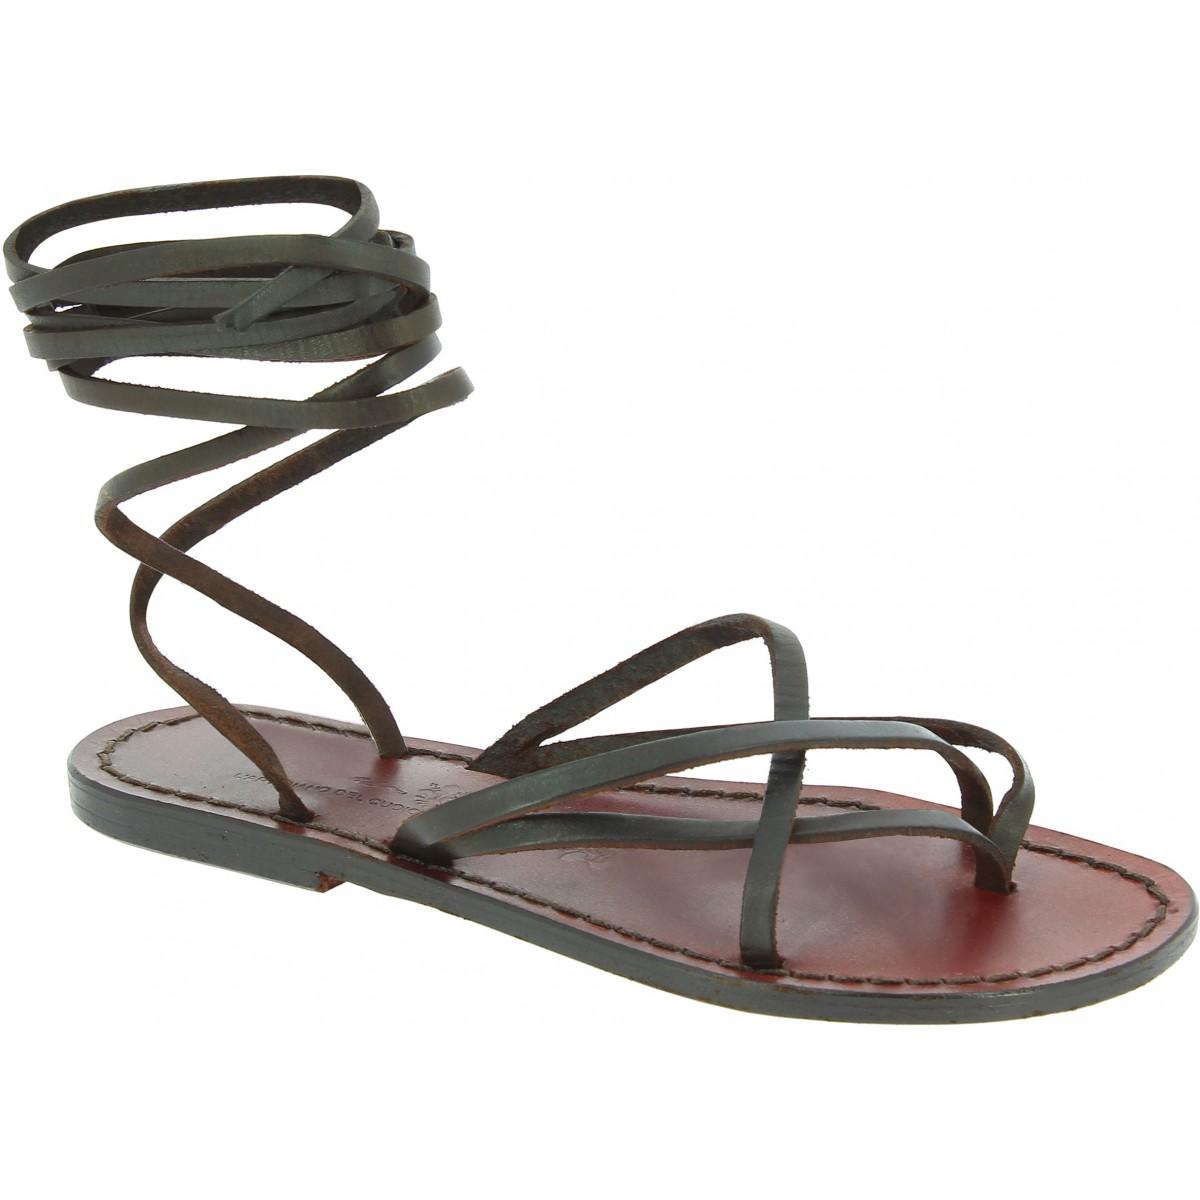 the latest c8bc2 e15f7 Damen-Riemchen-Sandalen aus dunkelbraunem Leder in Italien von Handgefertigt